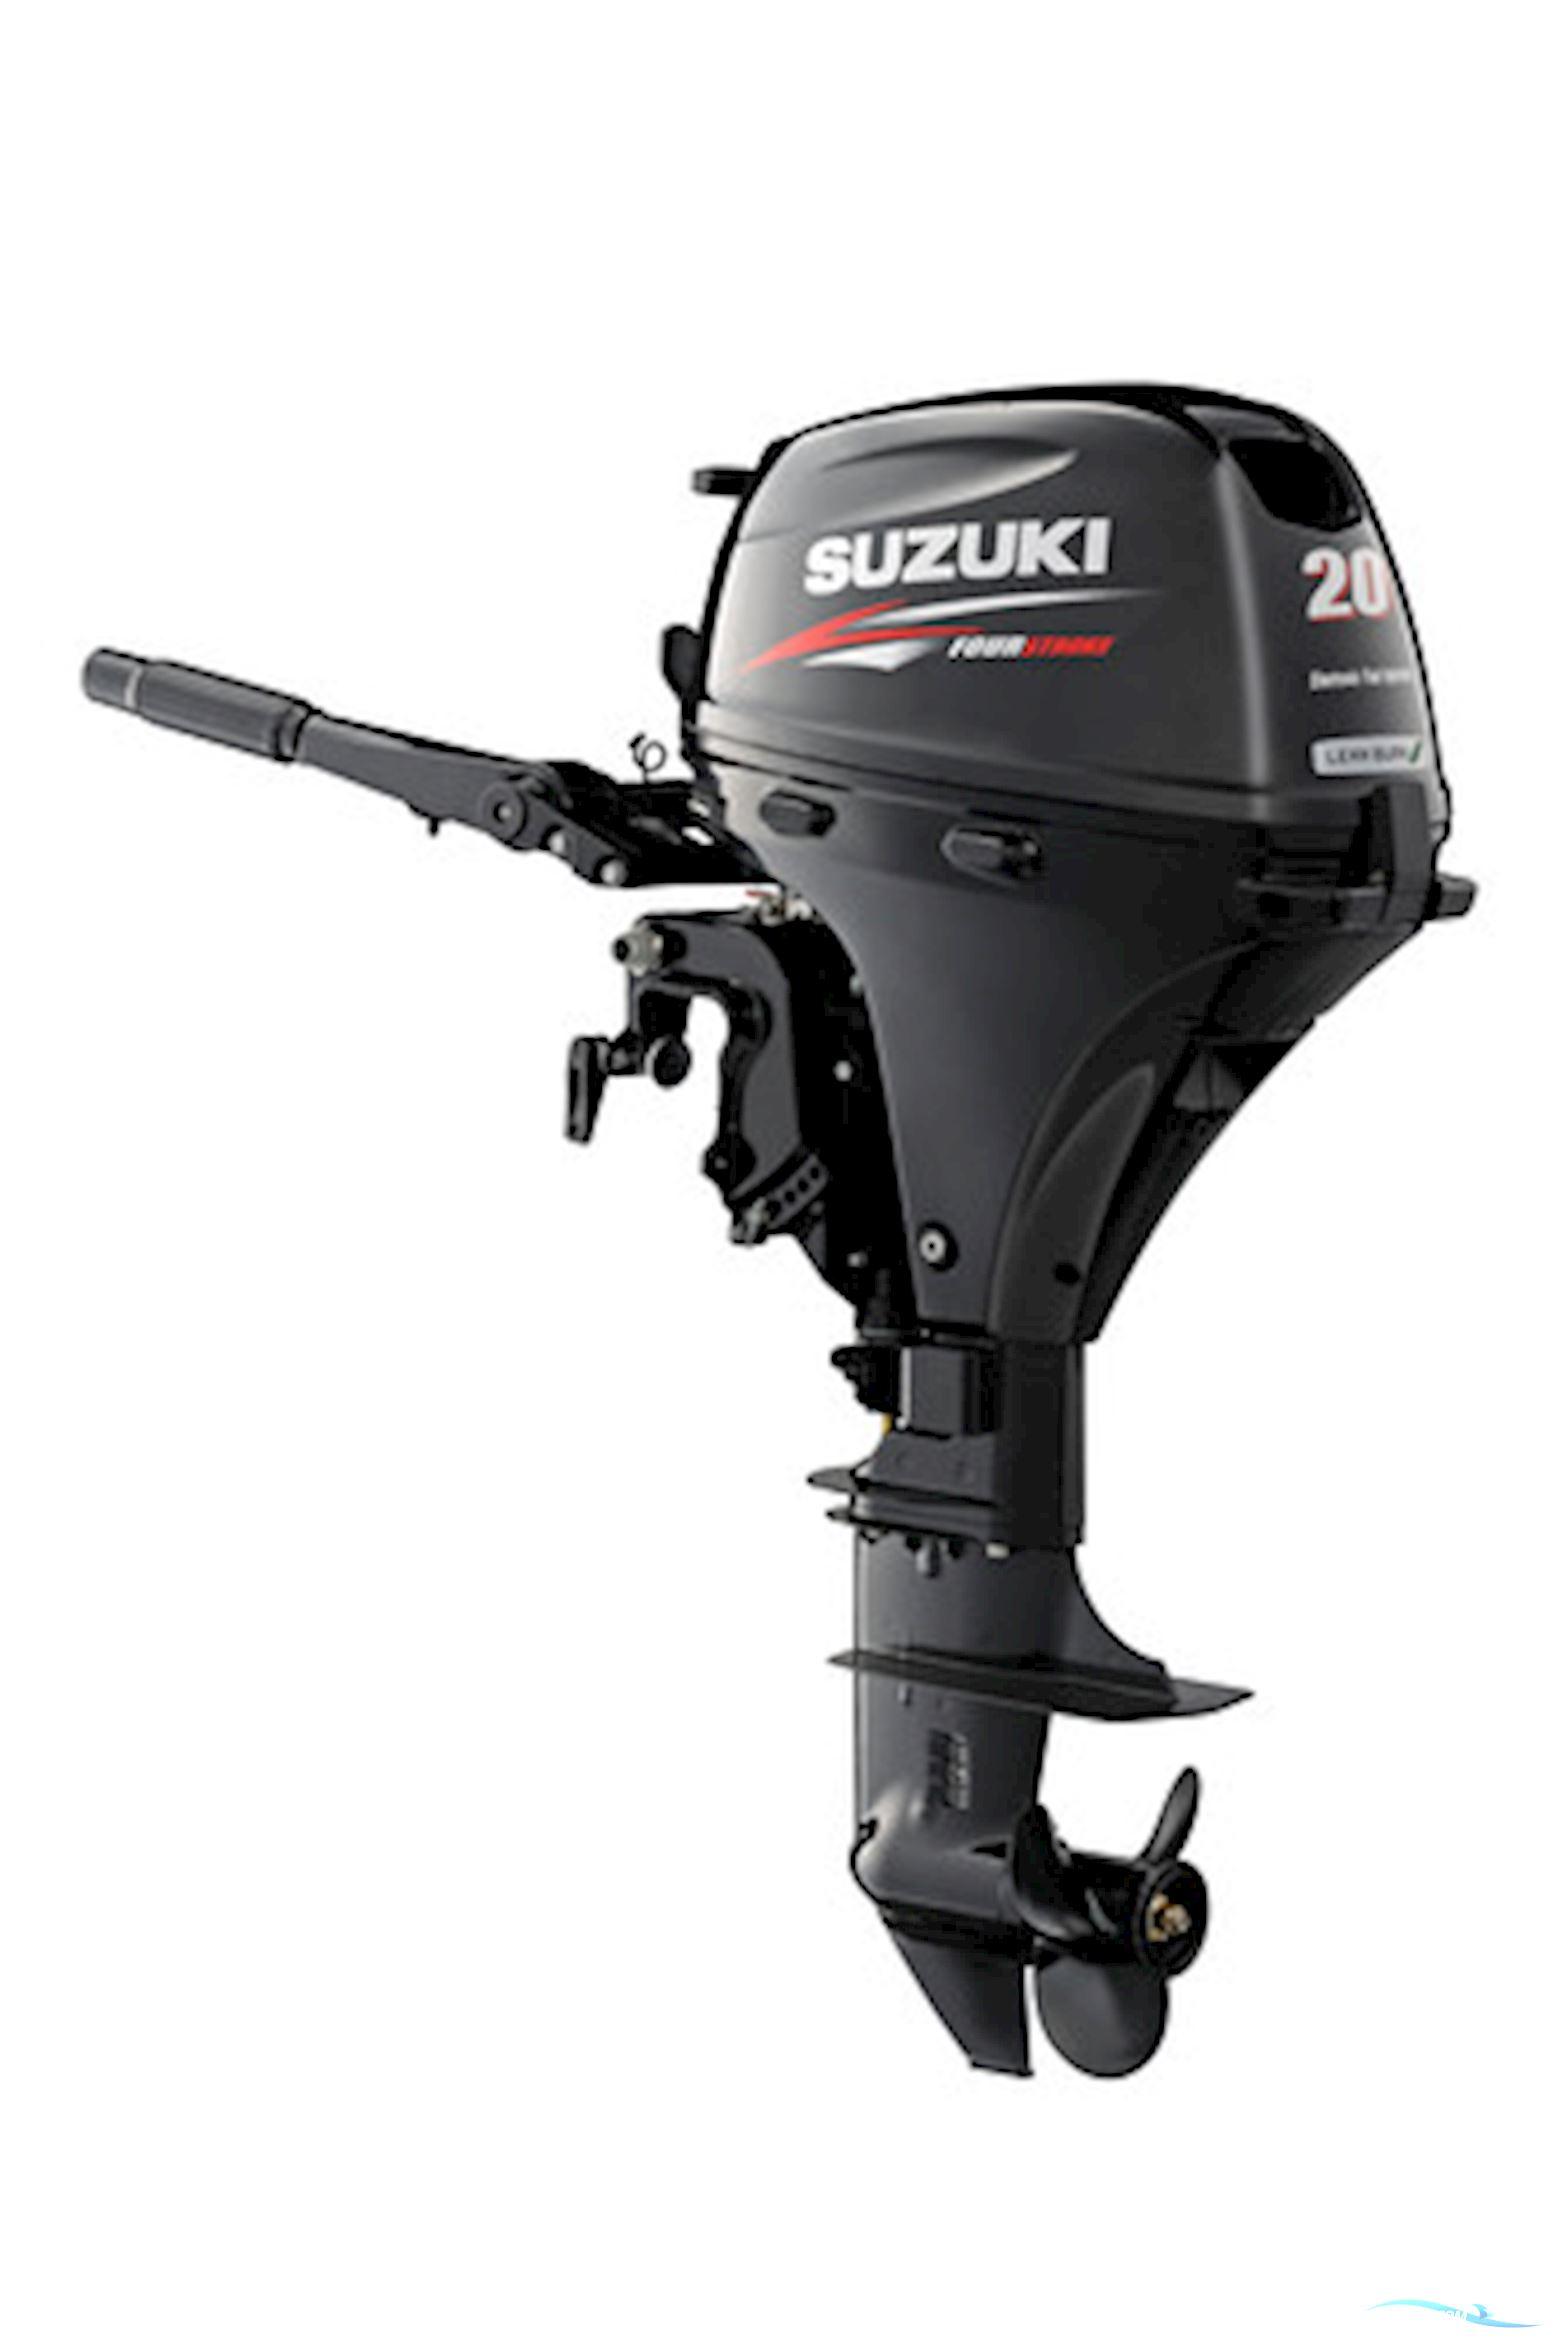 Suzuki DF20AEL